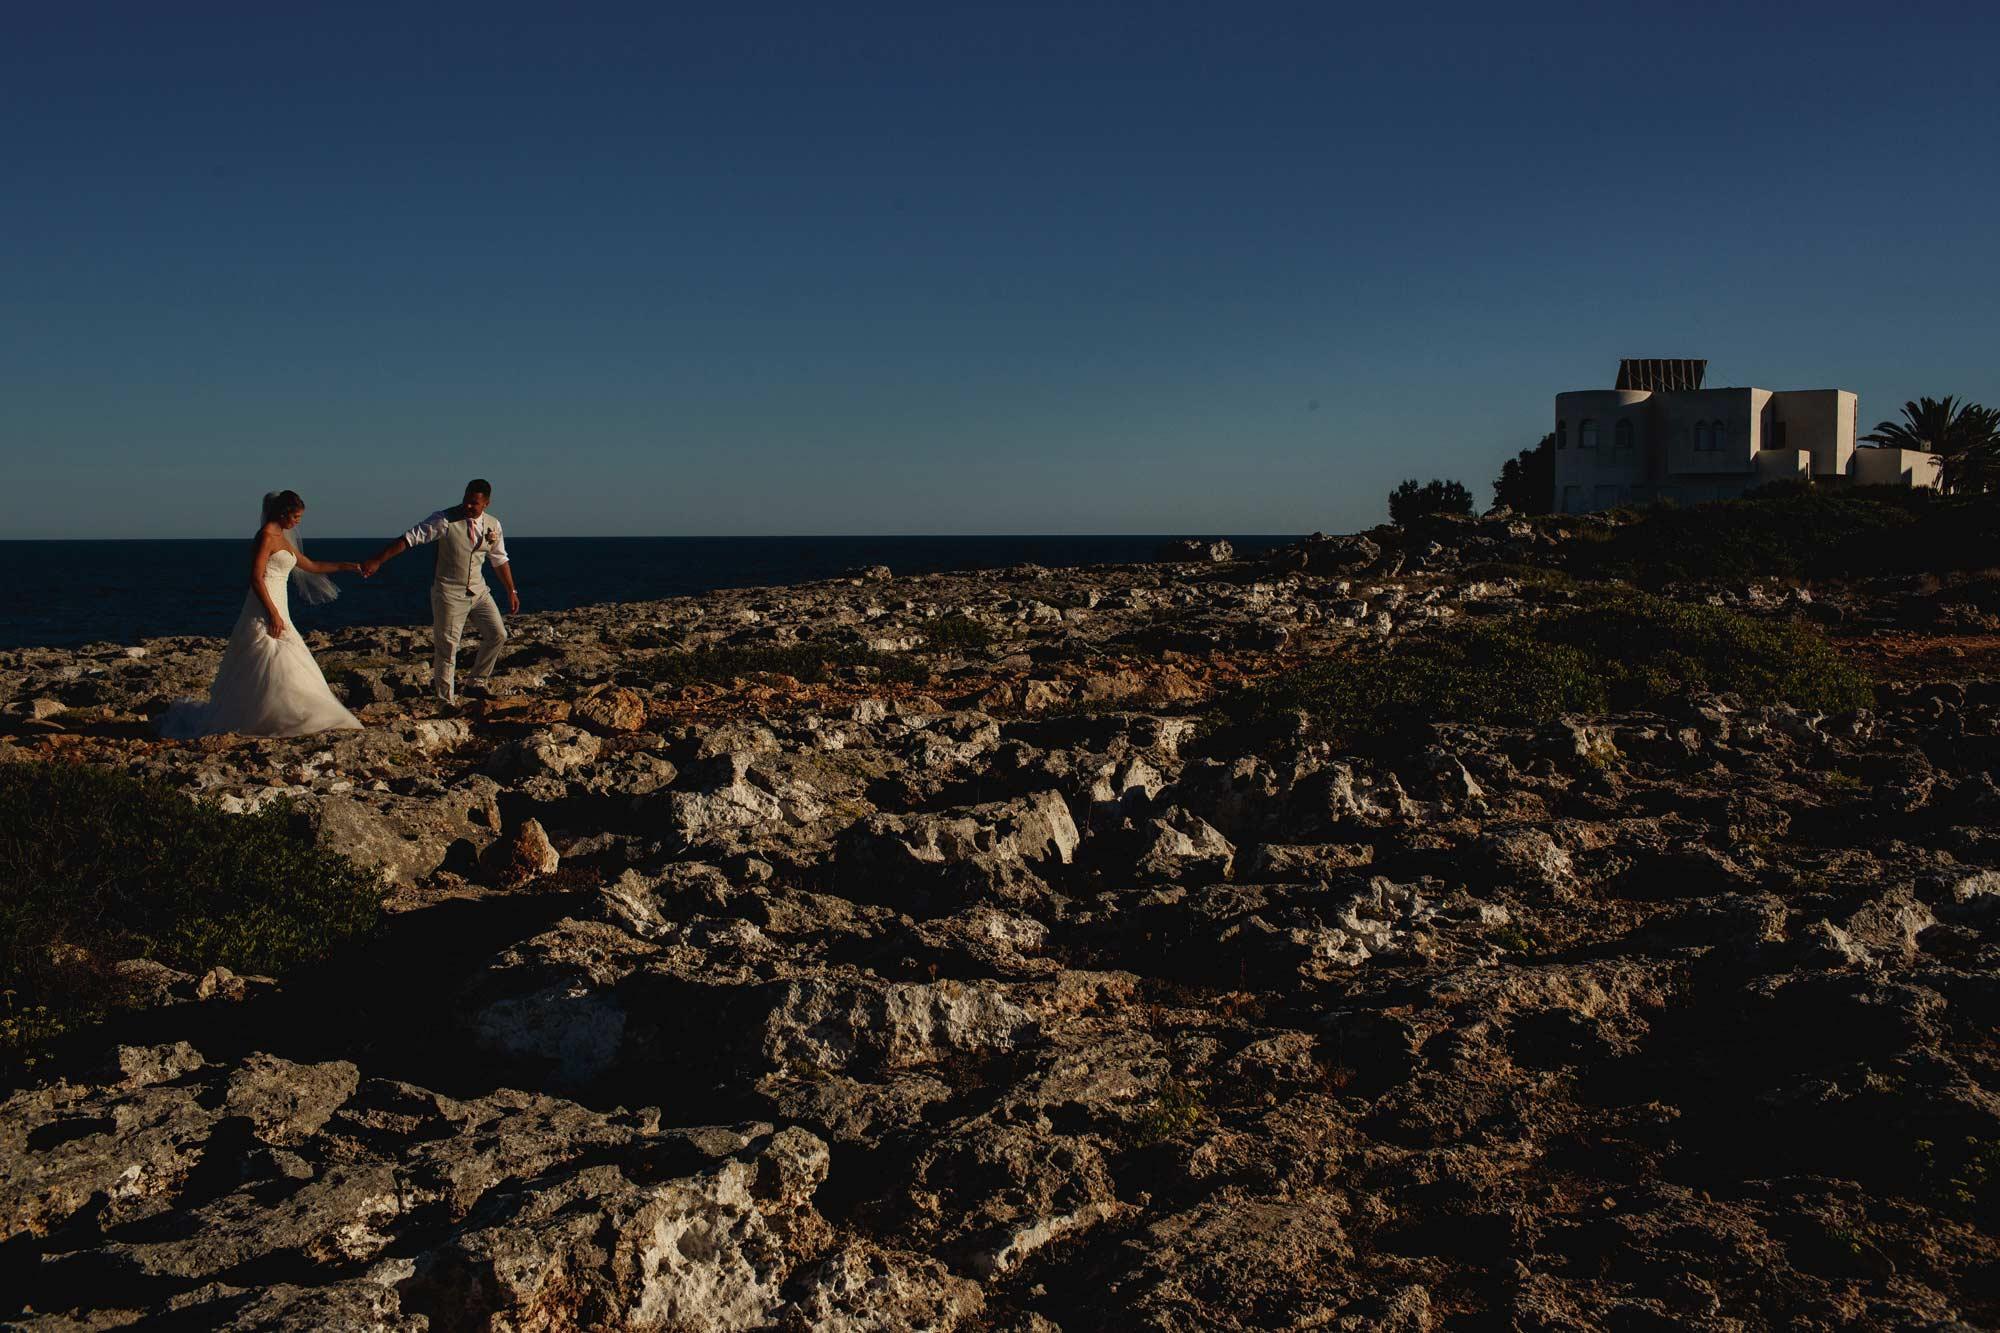 Bride and Groom walking across the rocks in Spain